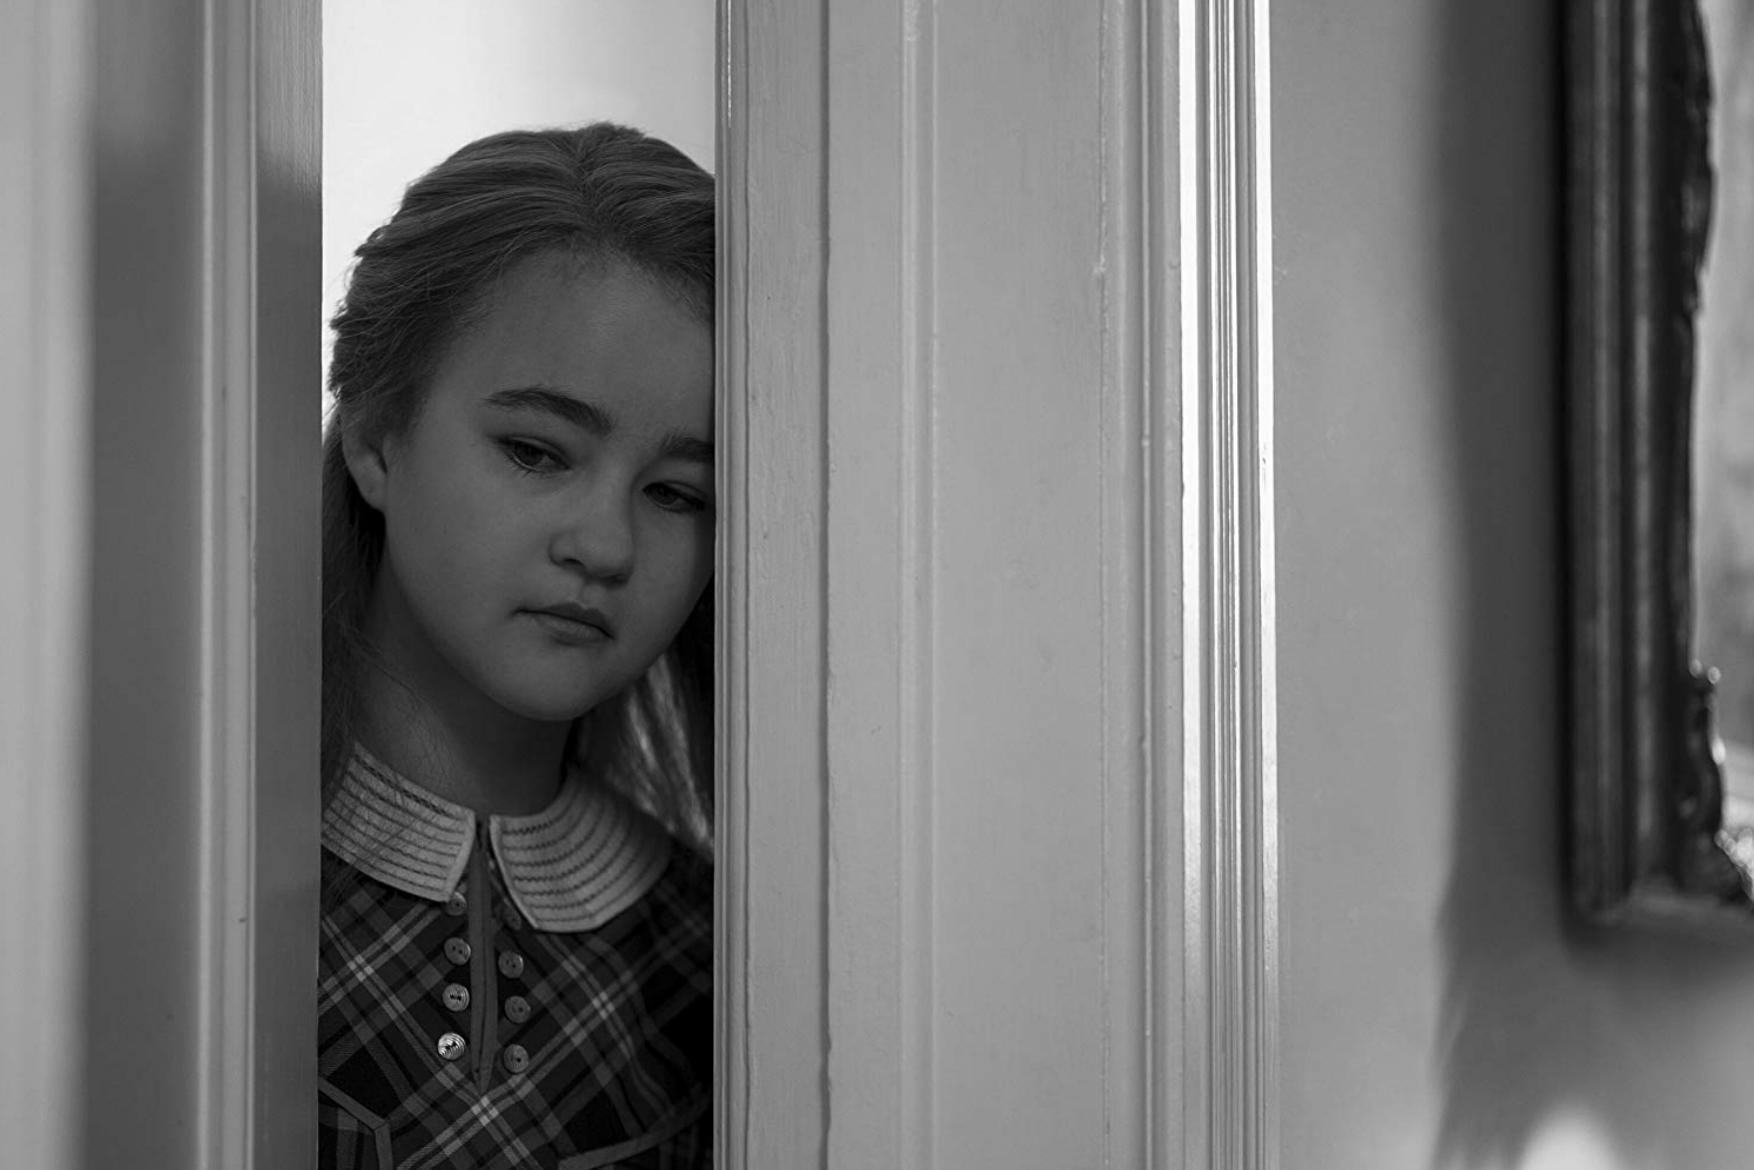 Rose staat in de deuropening met de deur op een kier. Haar hoofd rust tegen de deur.